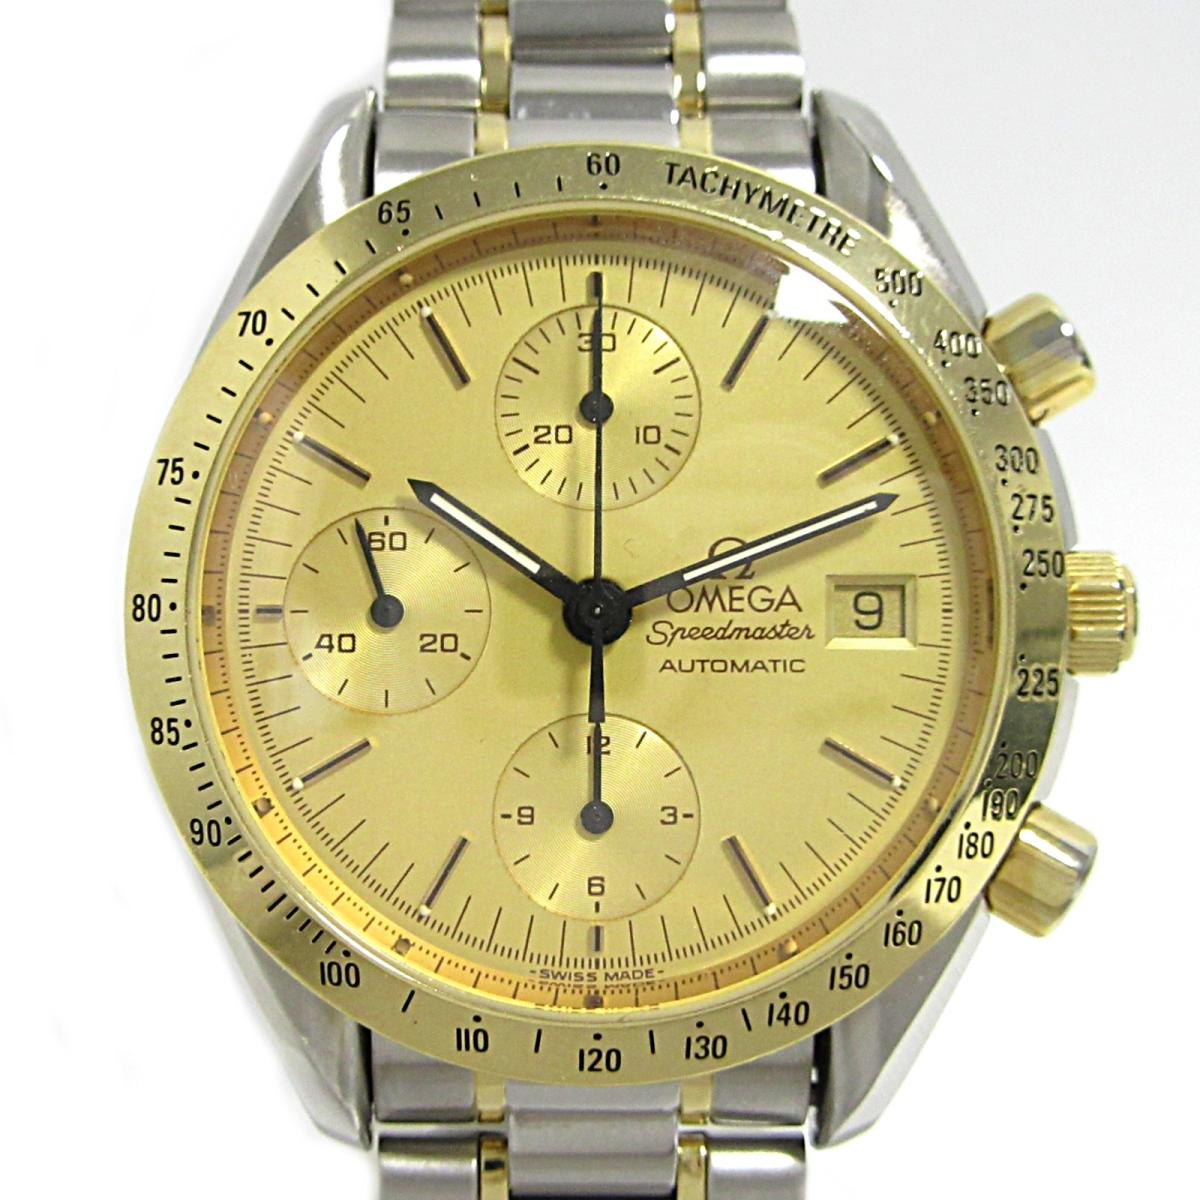 ≪期間限定≫メルマガ登録でクーポンGET! 【中古】 オメガ スピードマスター デイト 腕時計 メンズ レディース ステンレススチール (SS) K18 (750)イエローゴールド (3712.10.01) | OMEGA BRANDOFF ブランドオフ ブランド ブランド時計 ブランド腕時計 時計